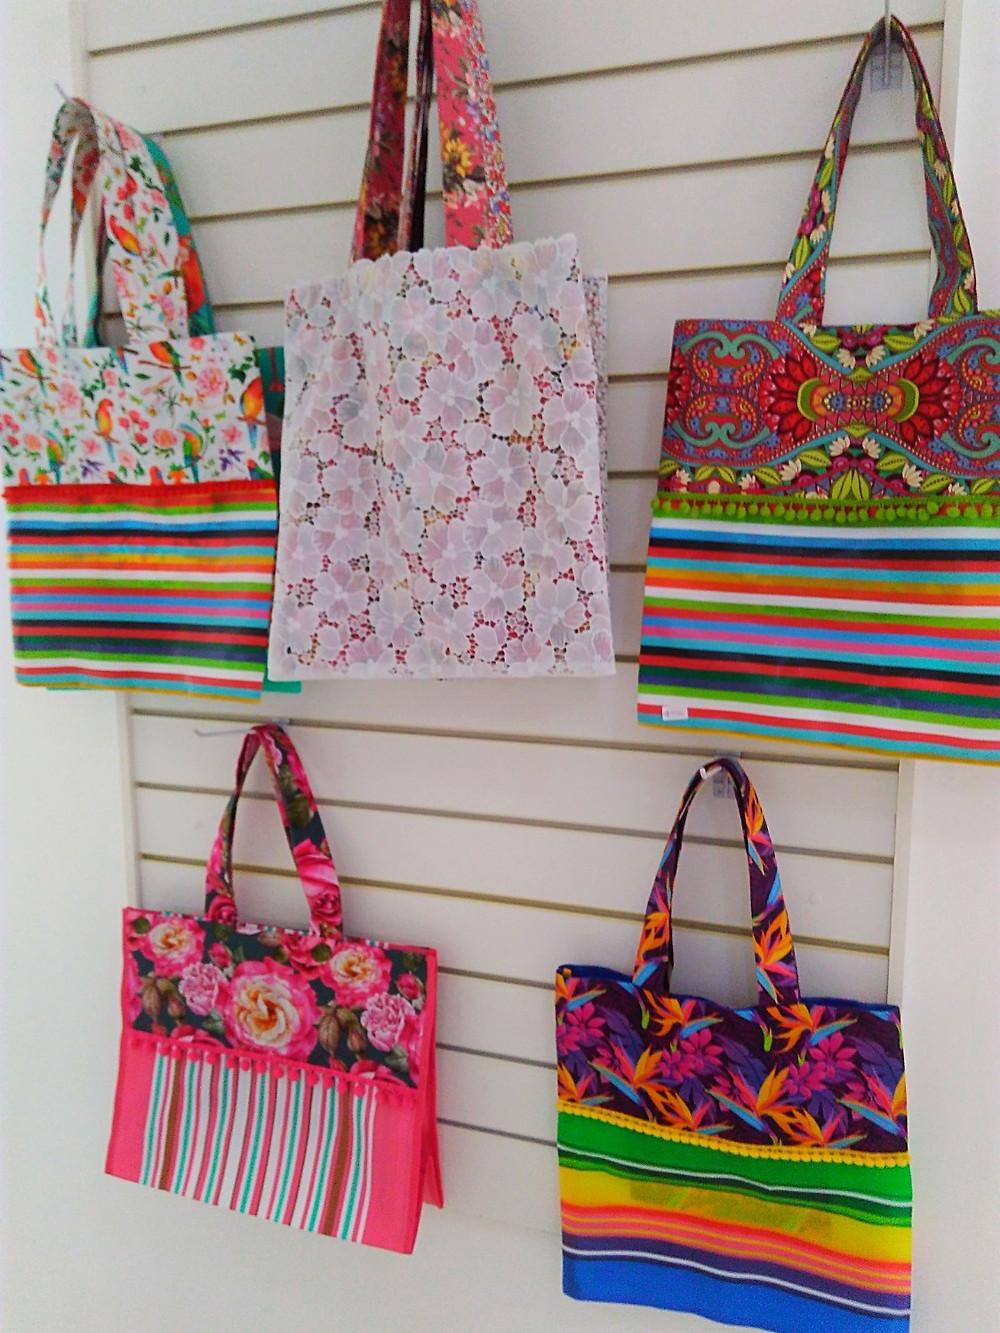 bolsas da feira para onde você quiser da A Sacoleira